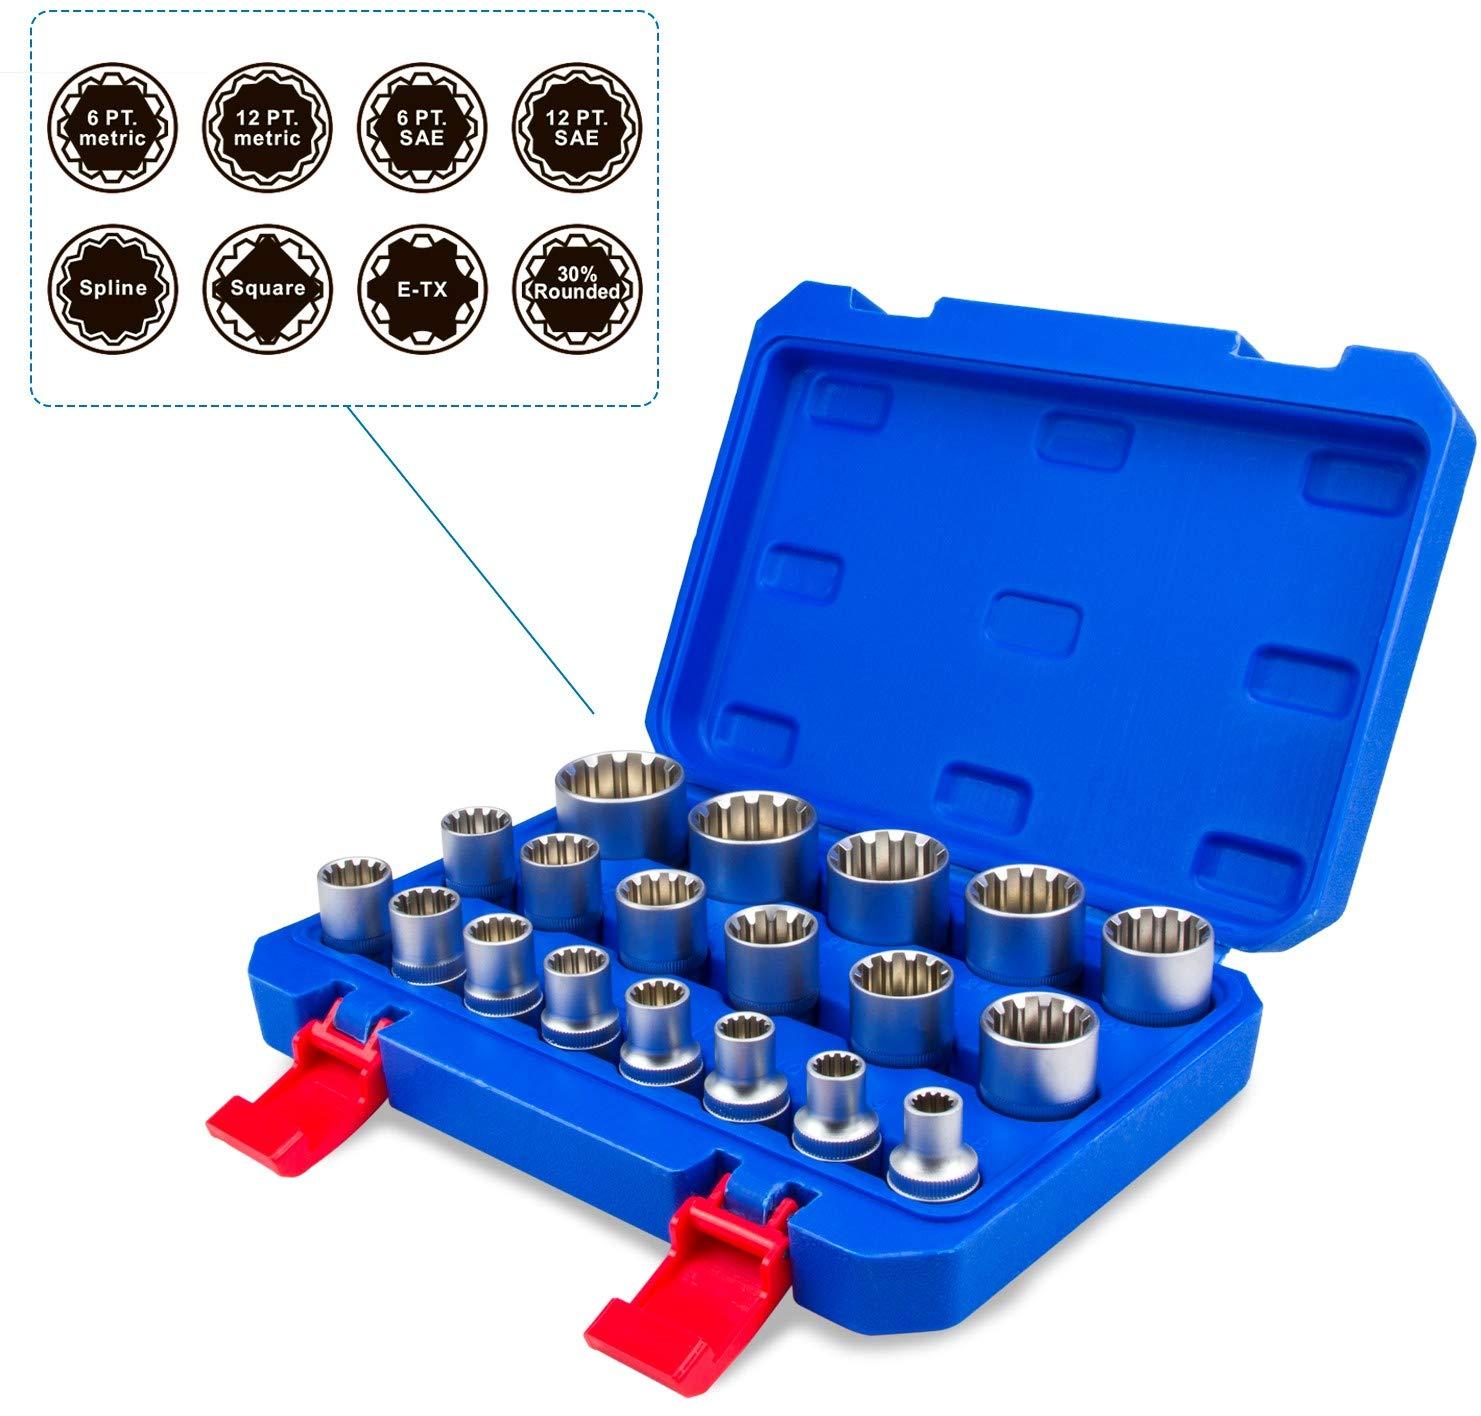 Juego de llaves de vaso vasos insertables Gear Lock 1/2